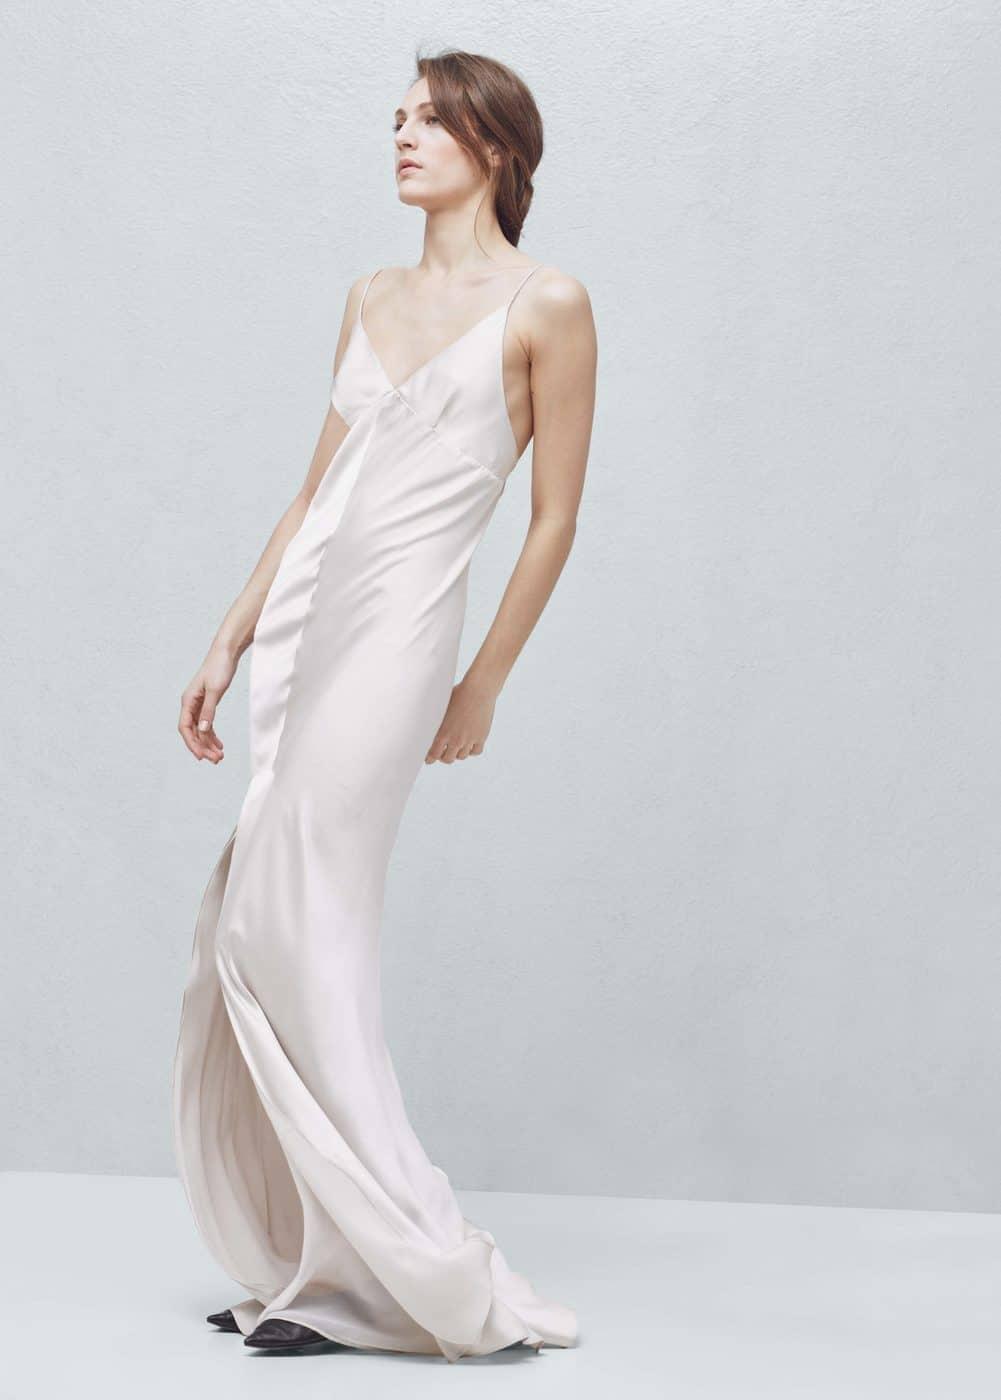 Cut-out silk dress - Woman | MANGO Denmark